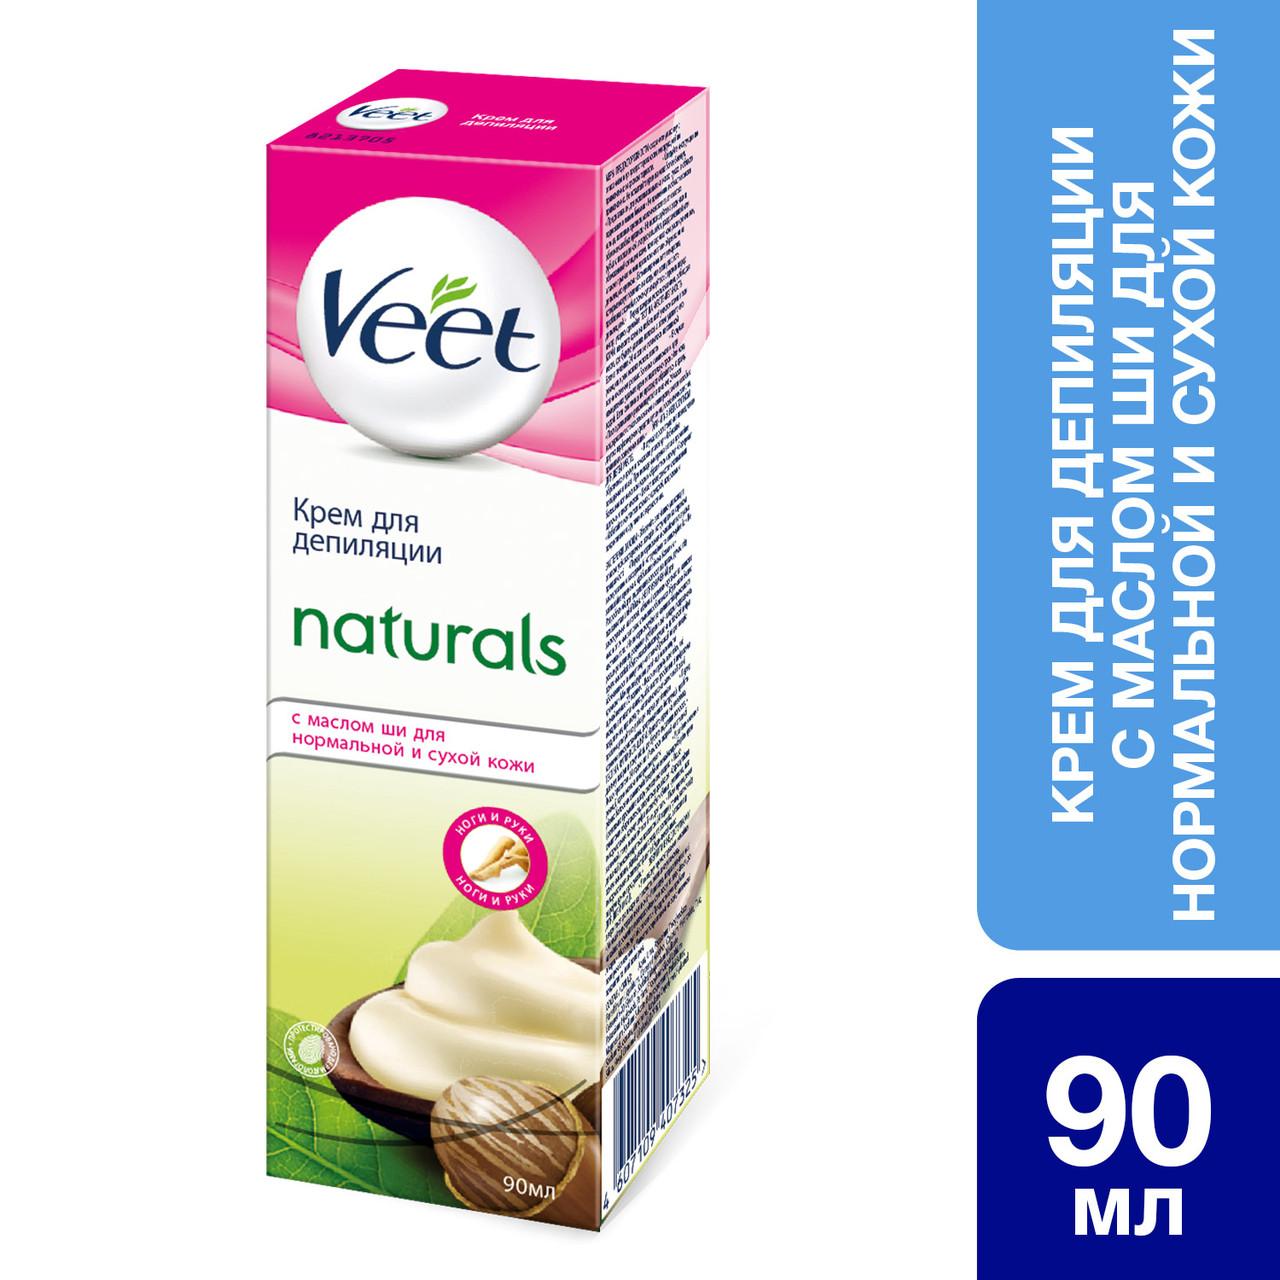 Крем для депиляции Veet Naturals с маслом Ши (для нормальной и сухой кожи)90 мл